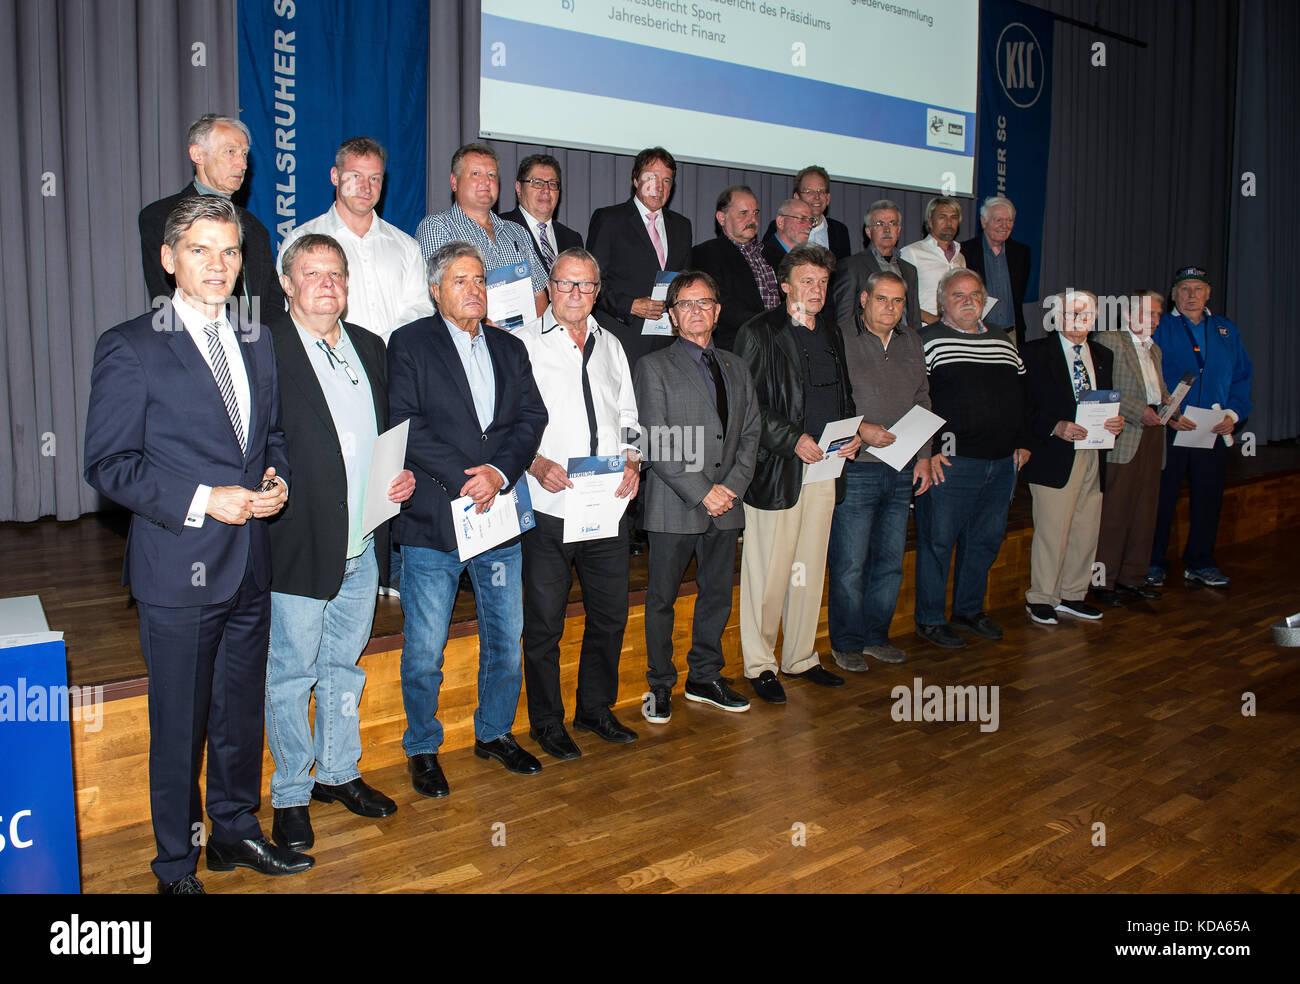 Karlsruhe Nereut, Deutschland. 12th Oct, 2017. Ehrungen der langjaehrigen KSC-Mitglieder. GES/ Fussball/ 3. Liga: - Stock Image